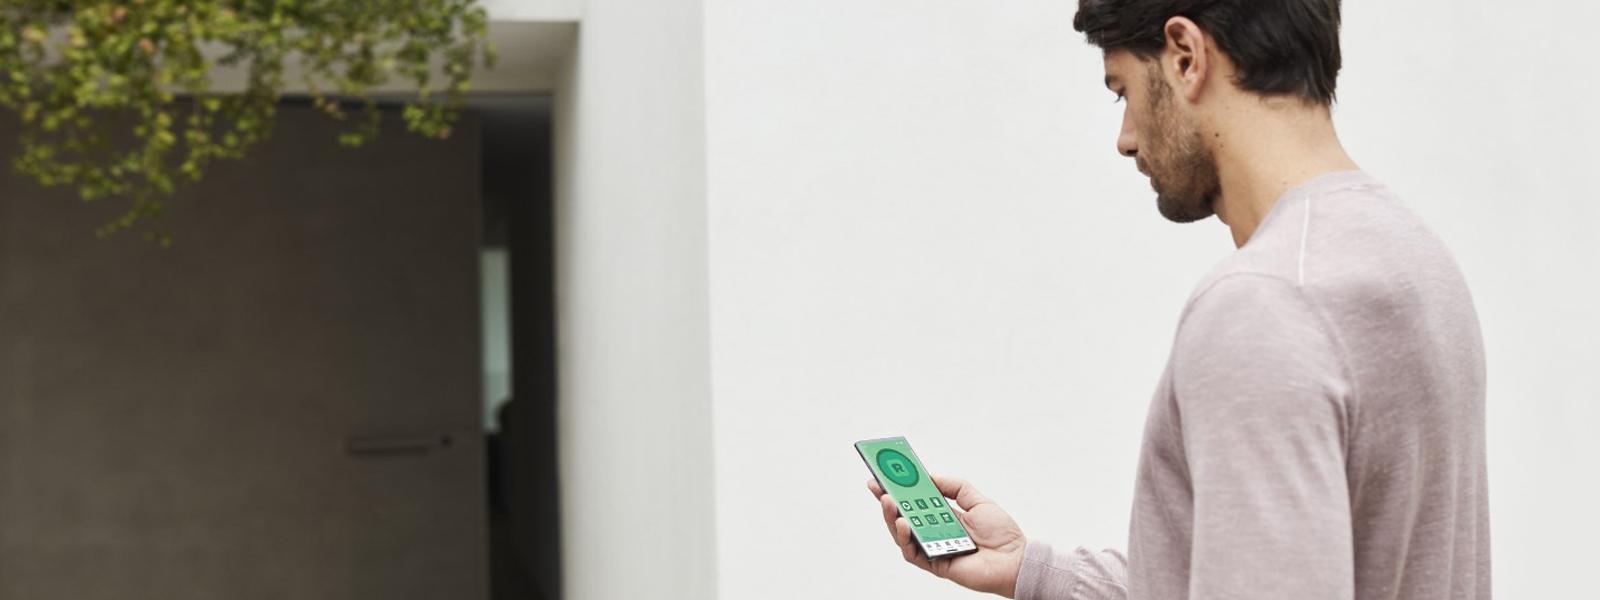 Hombre con un teléfono móvil en la mano